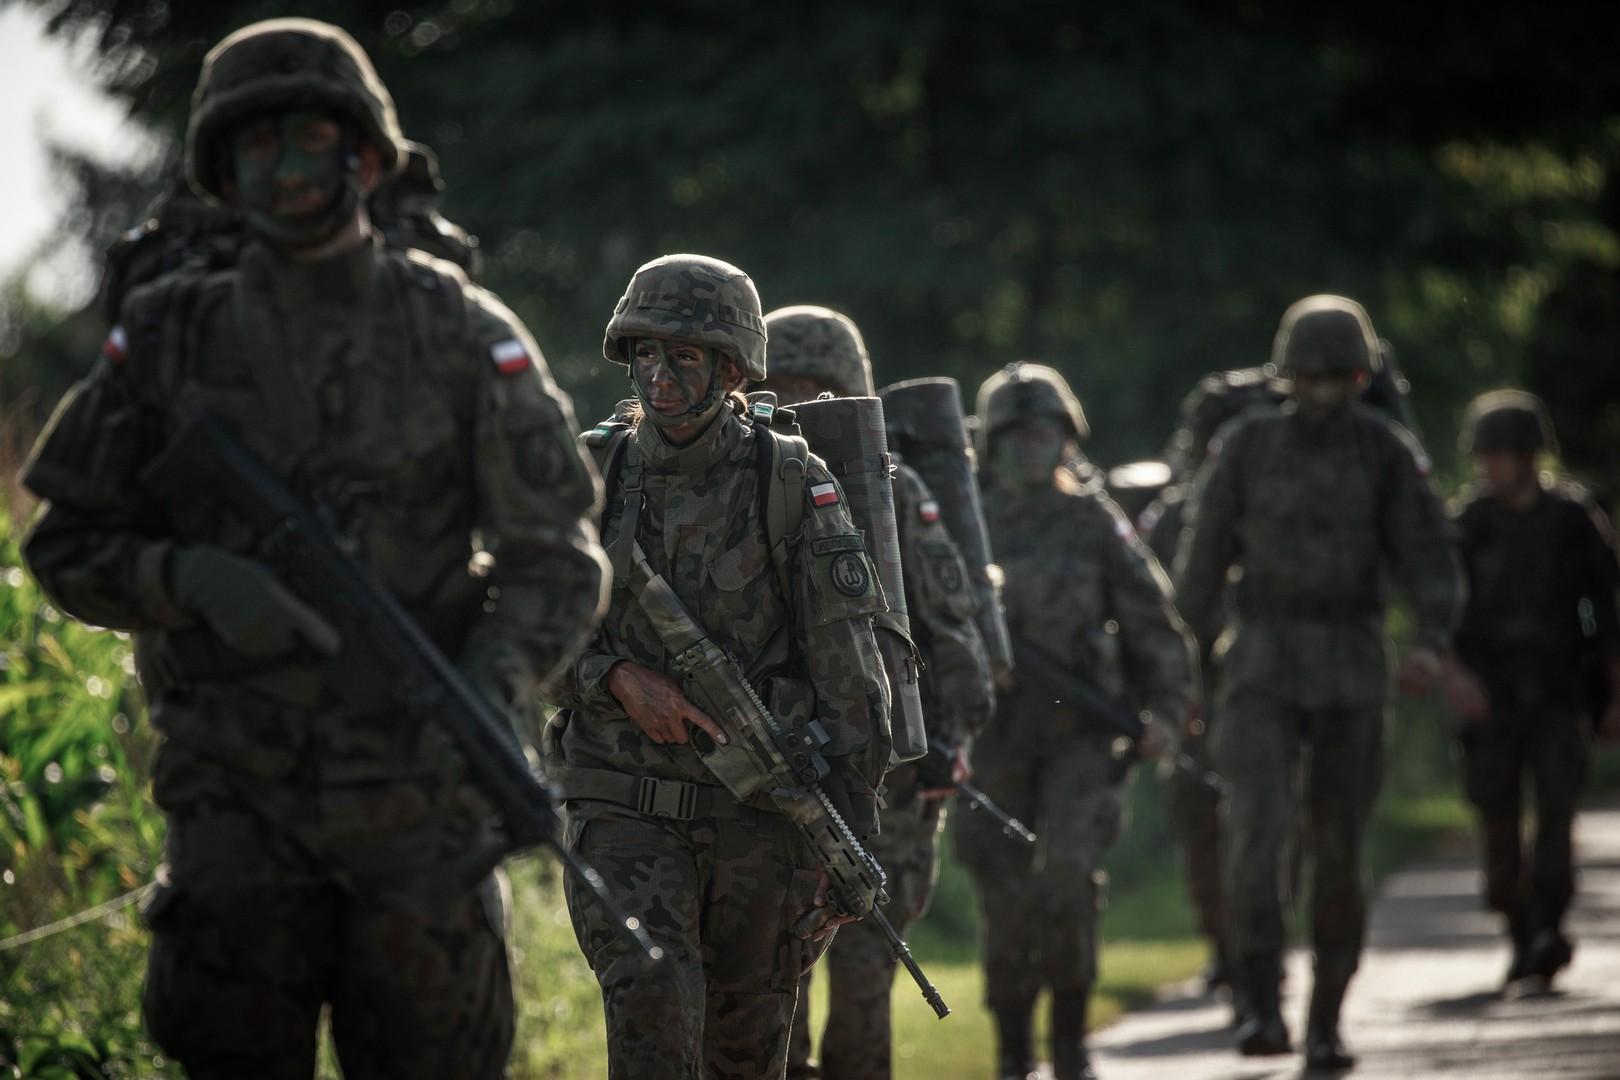 Województwo lubelskie: Terytorialsi szkolą kolejnych rekrutów - Zdjęcie główne